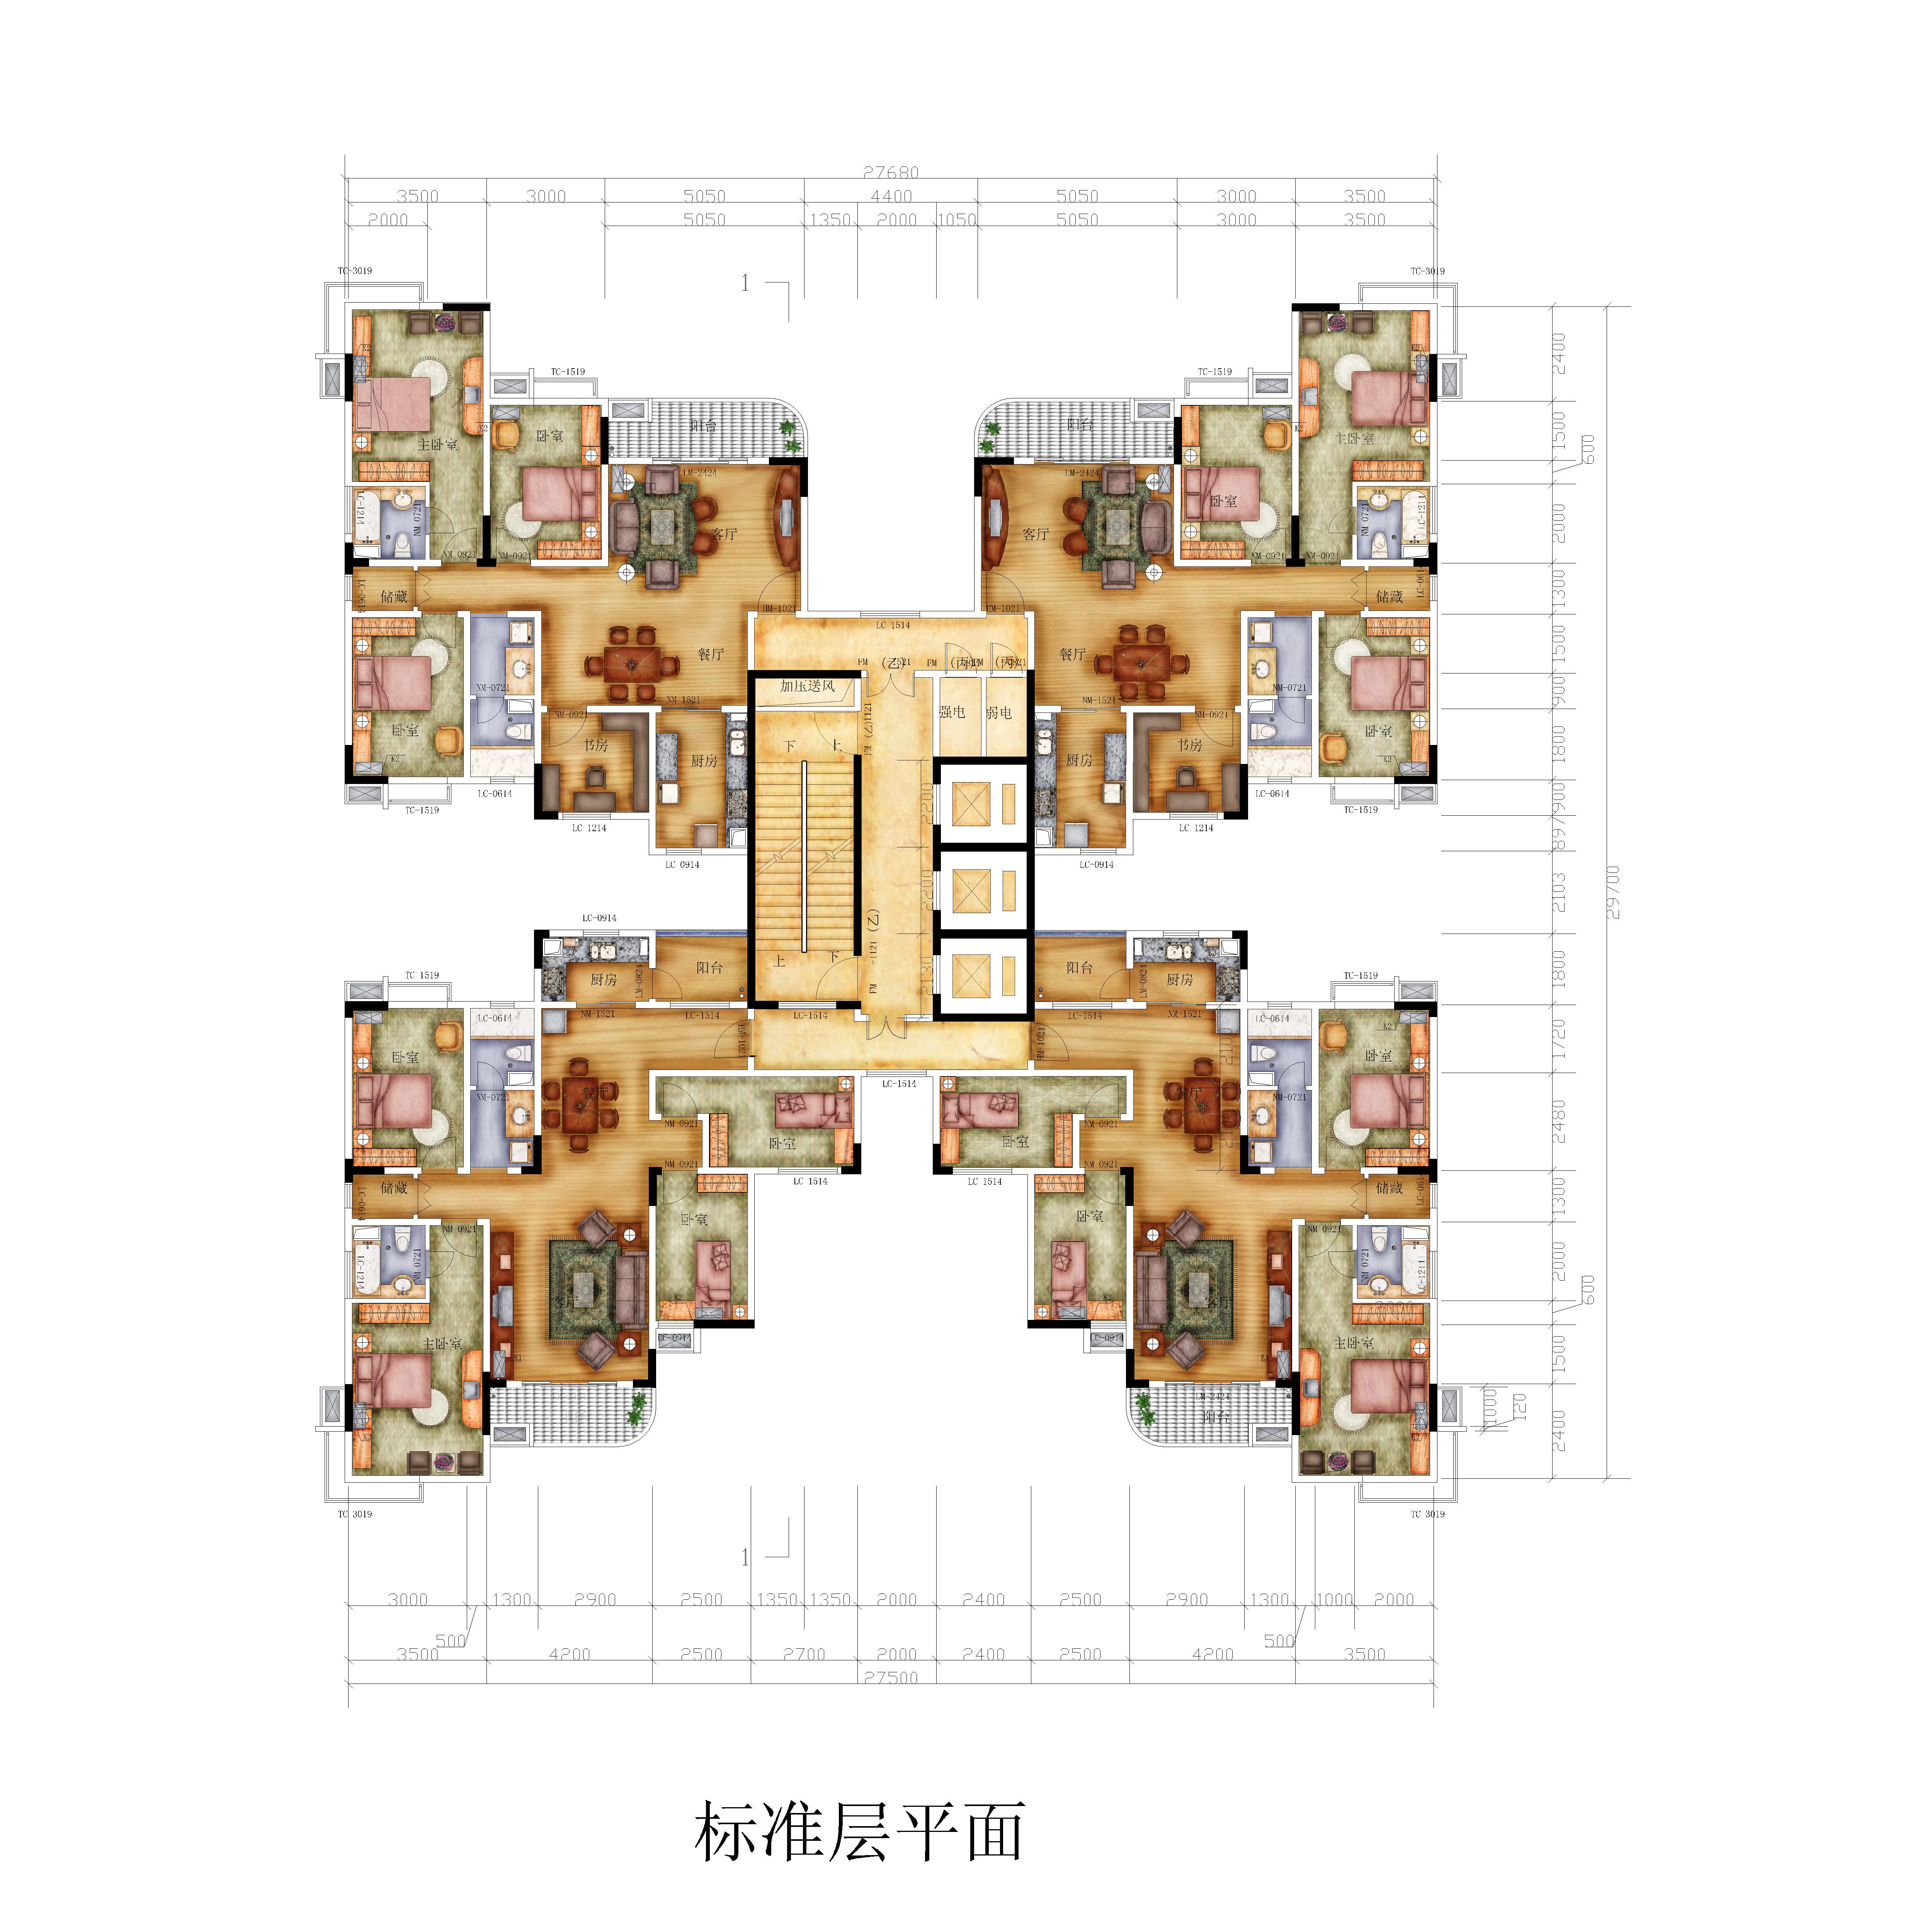 高层两梯四户平面图高清 南梯四户高层户型图 两梯三户户型图